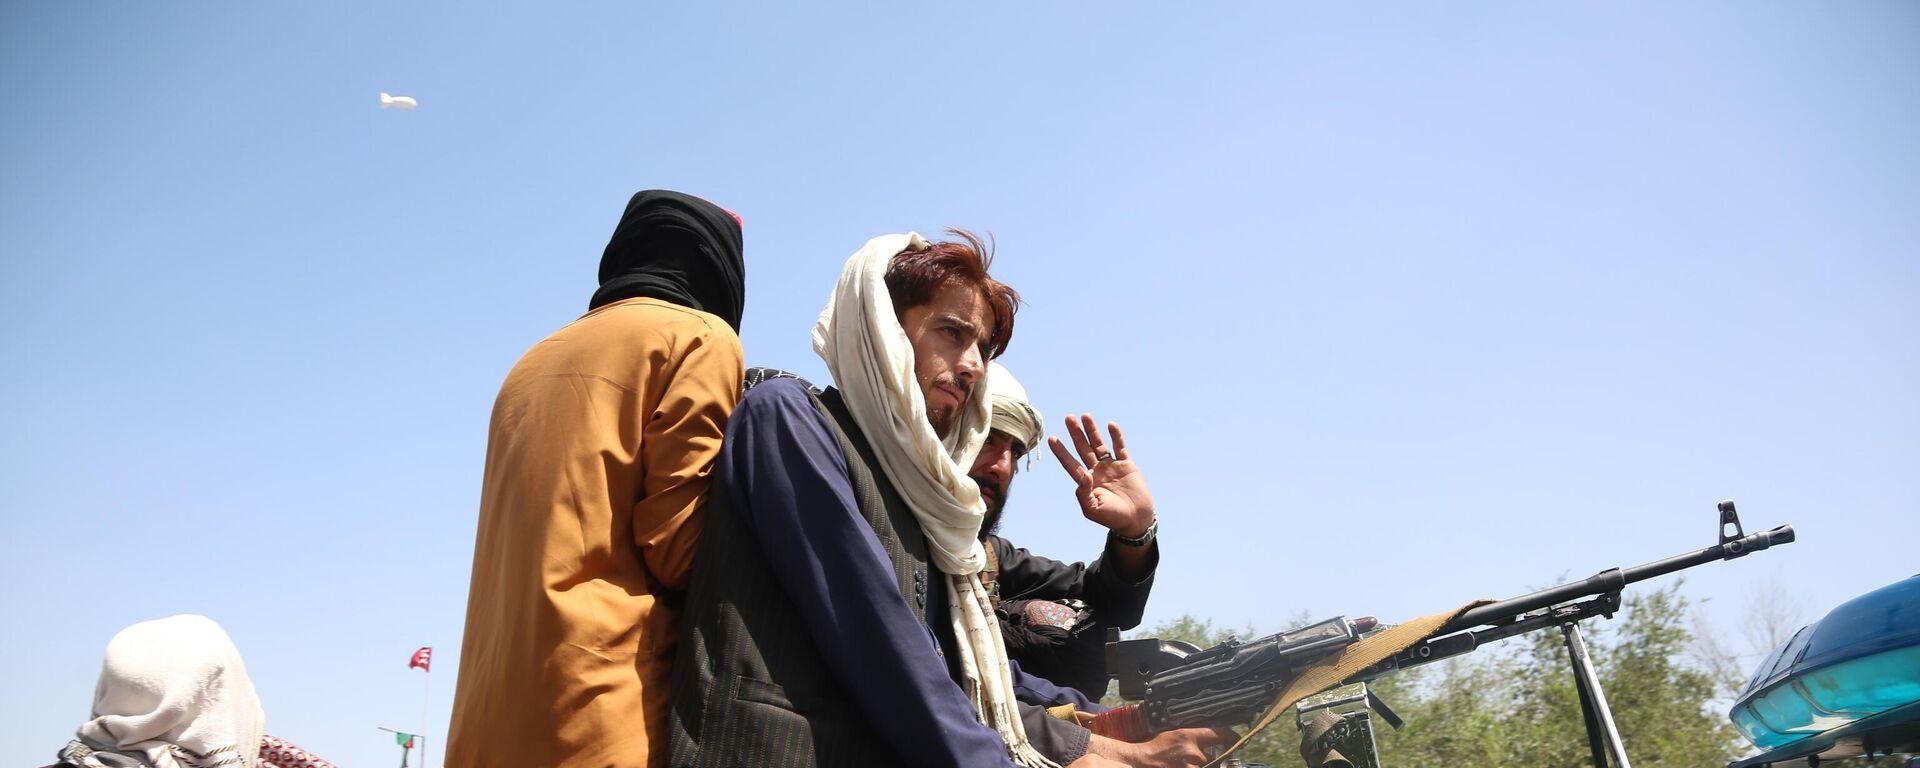 Боевики движения Талибан (террористическая организация, запрещена в России) в Кабуле - Sputnik Тоҷикистон, 1920, 24.08.2021